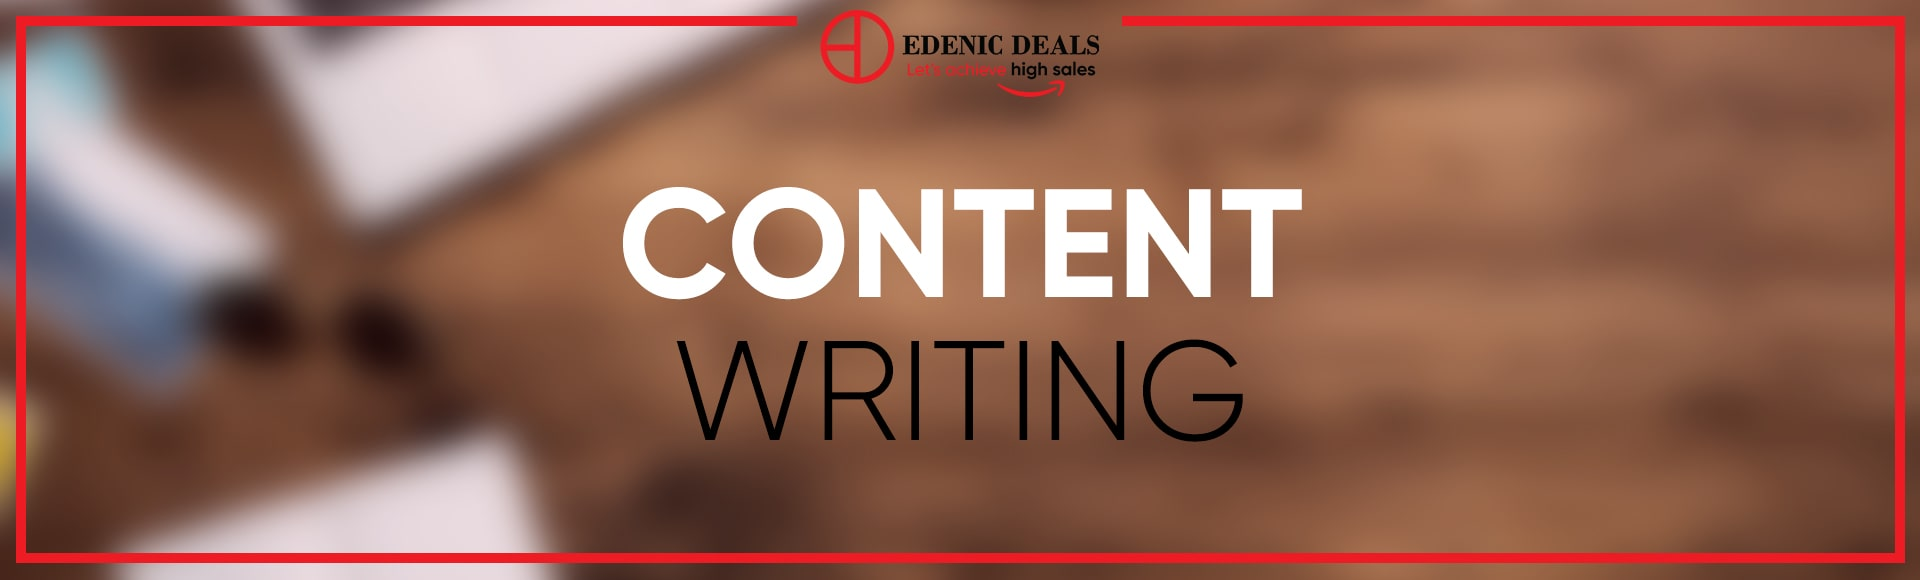 Content Writing Edenic Deals